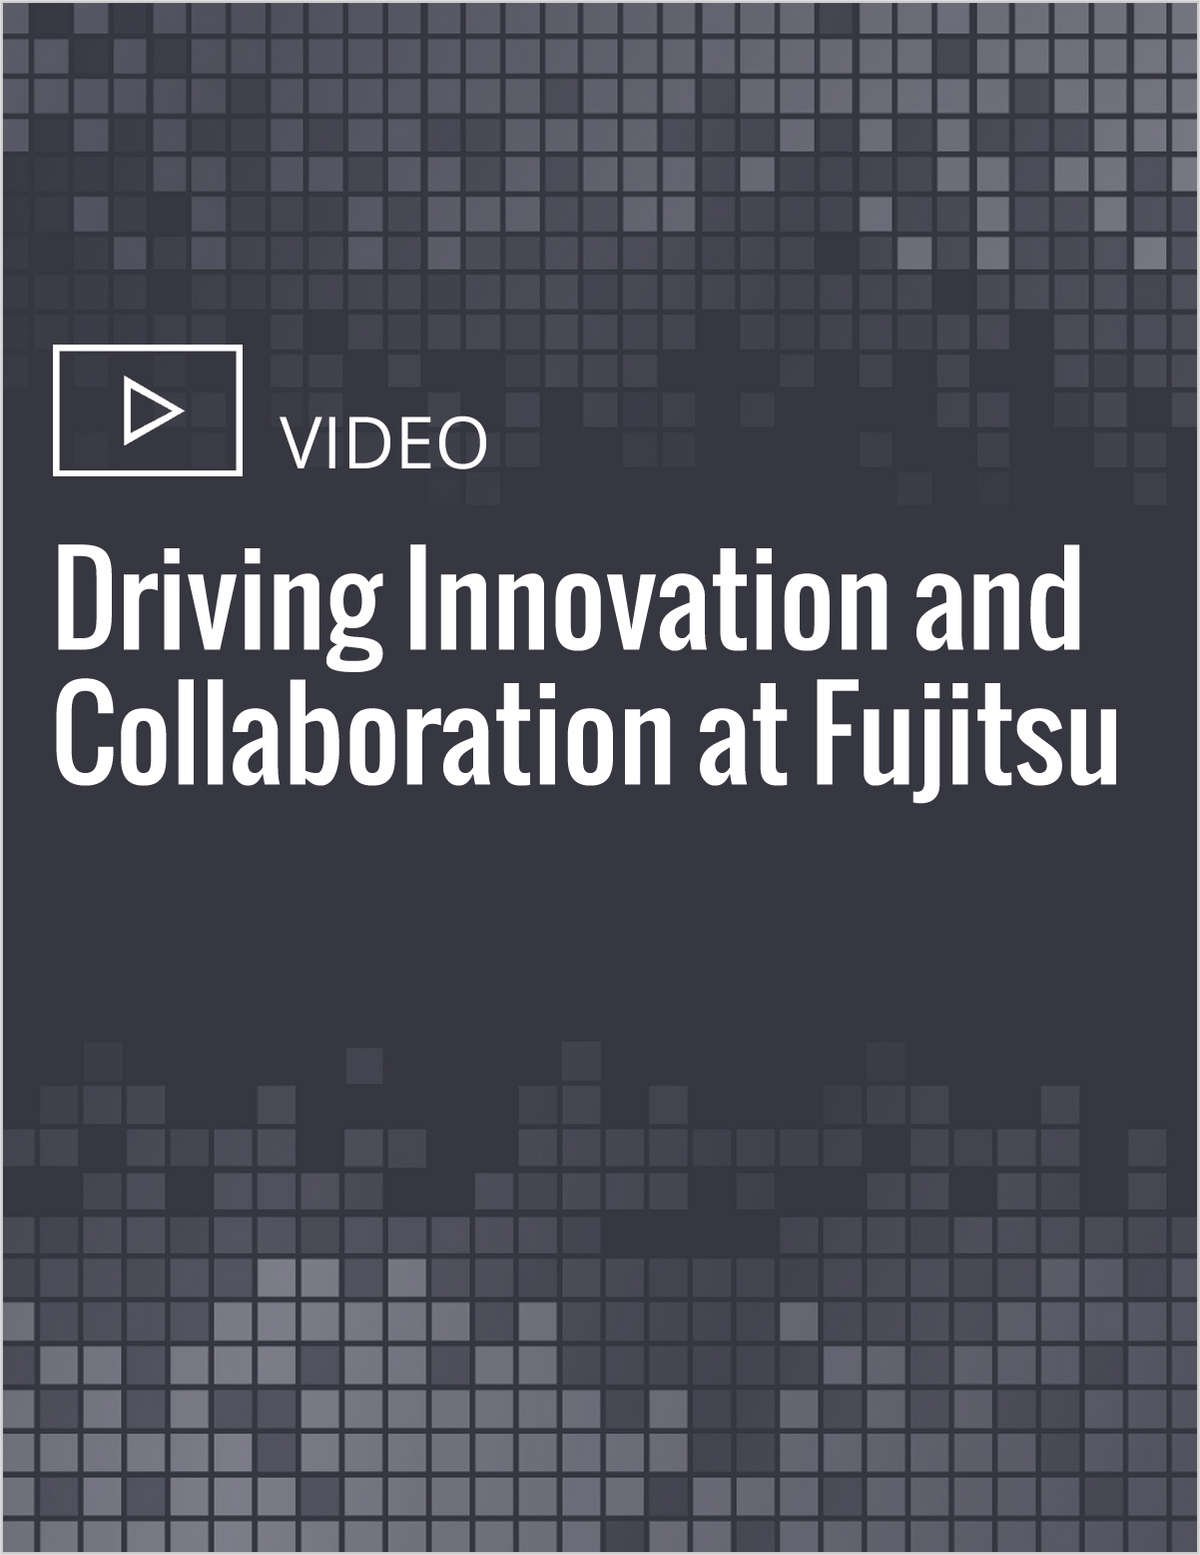 Driving Innovation and Collaboration at Fujitsu